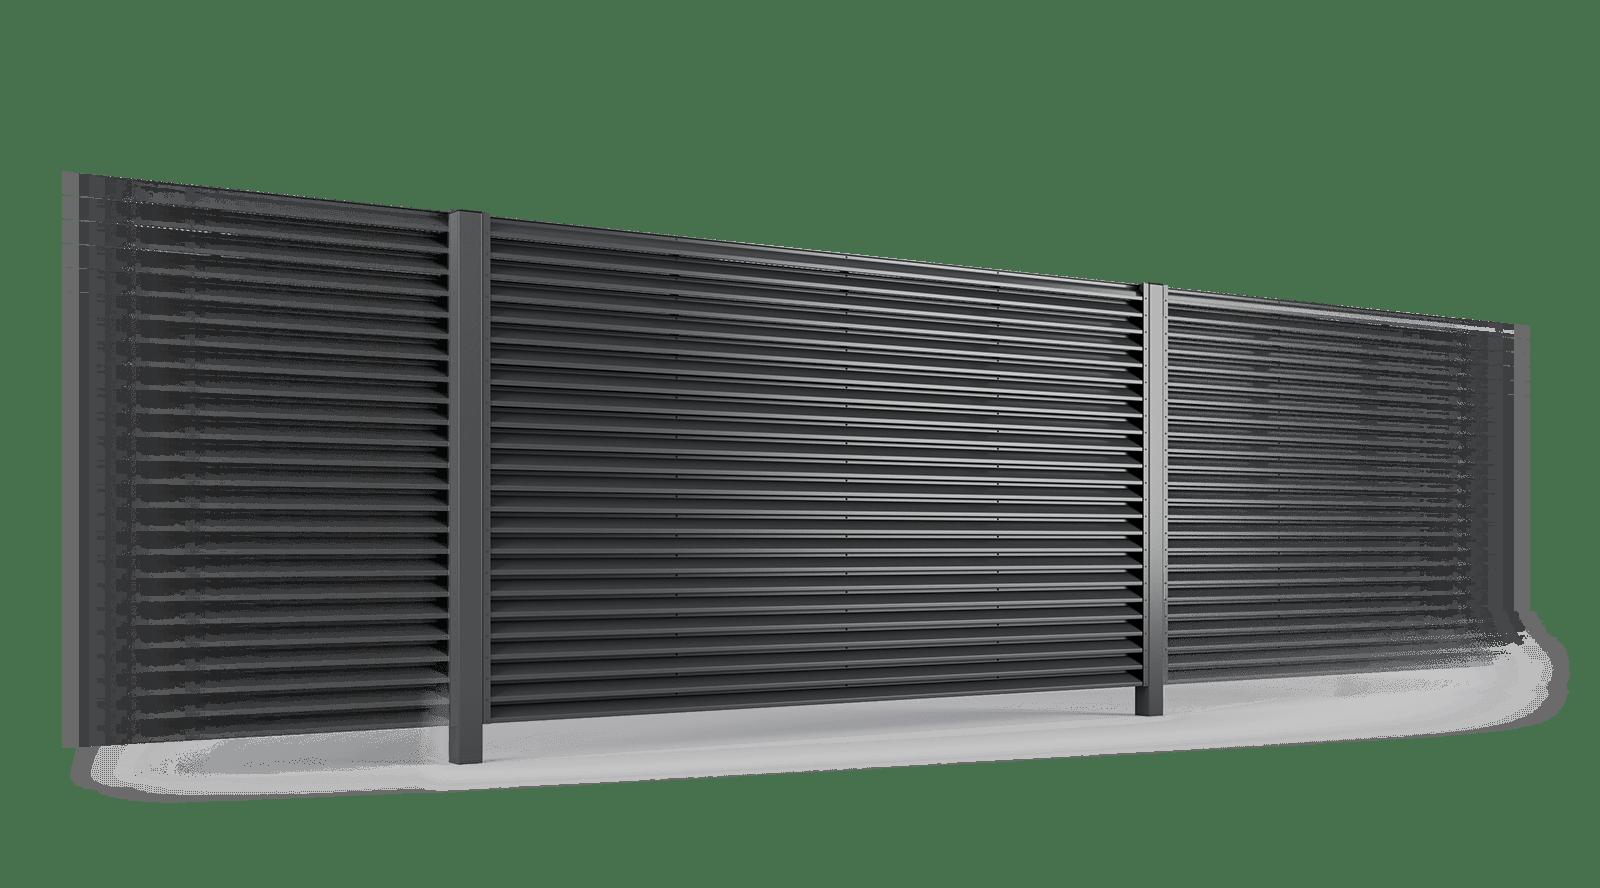 przęsło ogrodzenie palisadowe żaluzyjne PS 004 BORDER KONSPORT